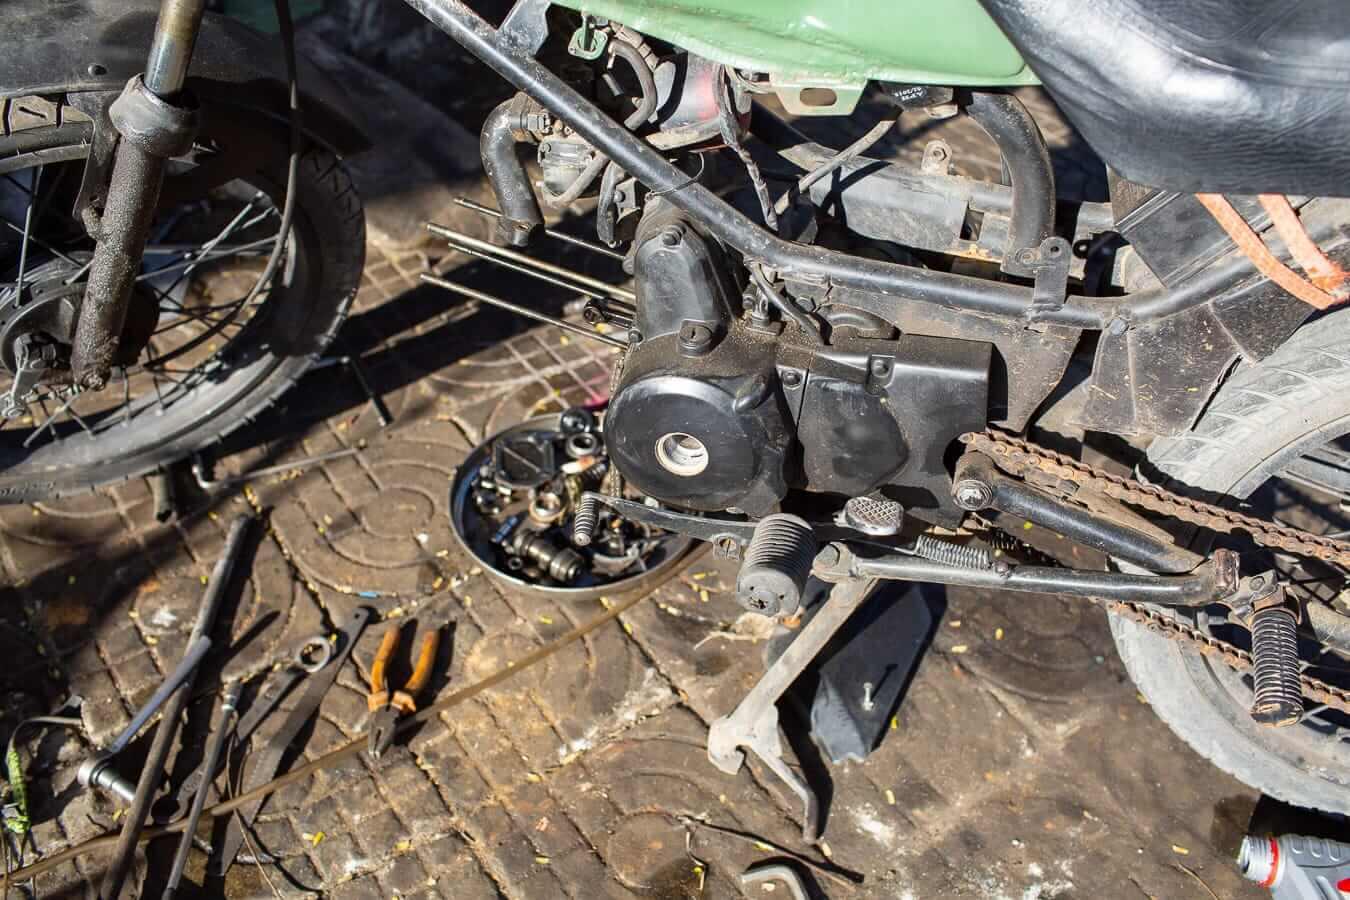 Motorbike repair: Vietnam motorbike rental